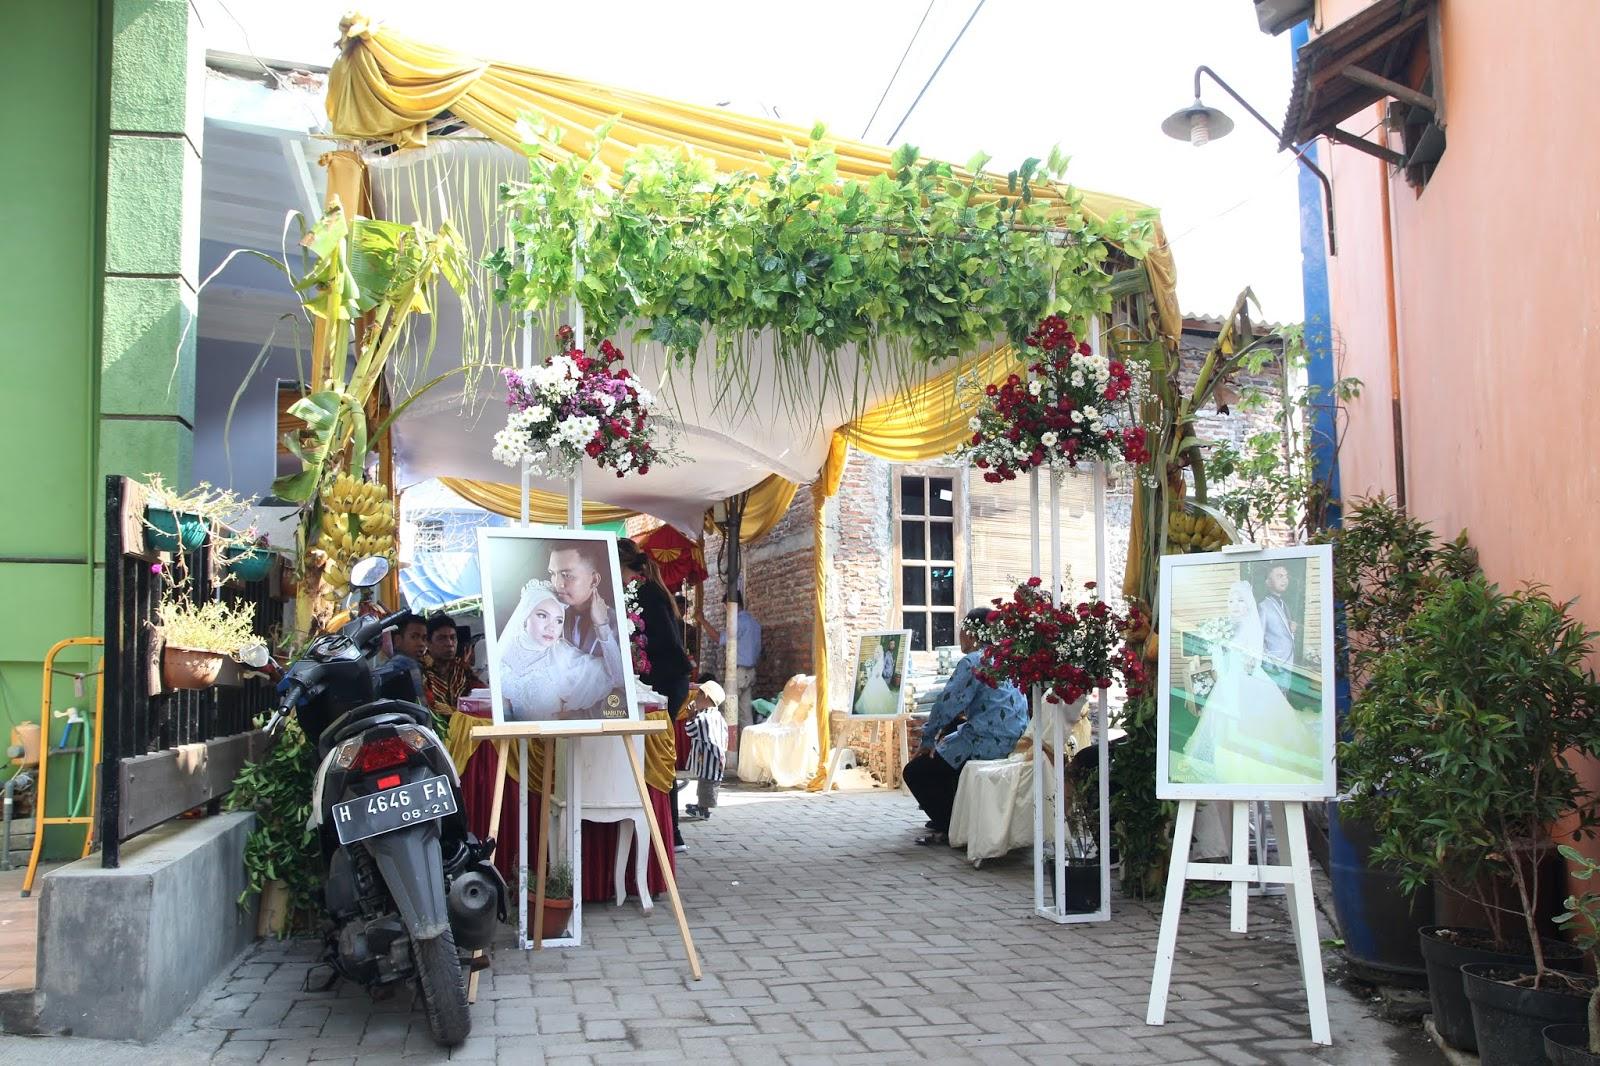 Paket Dekorasi Pernikahan Murah Dibawah 5 Juta - Paket ...